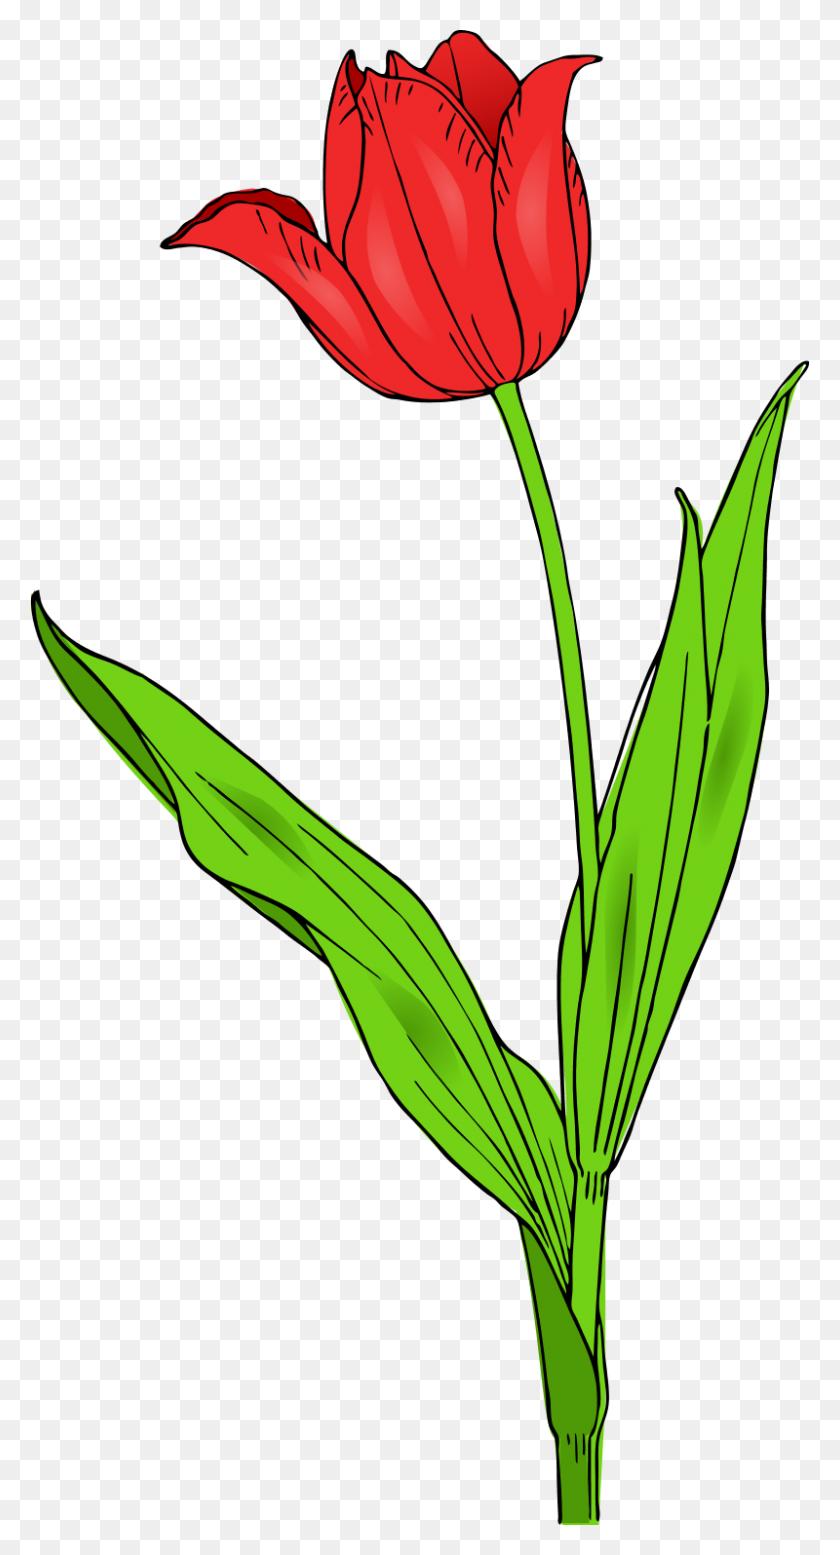 Flower Clip Art Image Black Transparent Flower Clipart Stunning Free Transparent Png Clipart Images Free Download